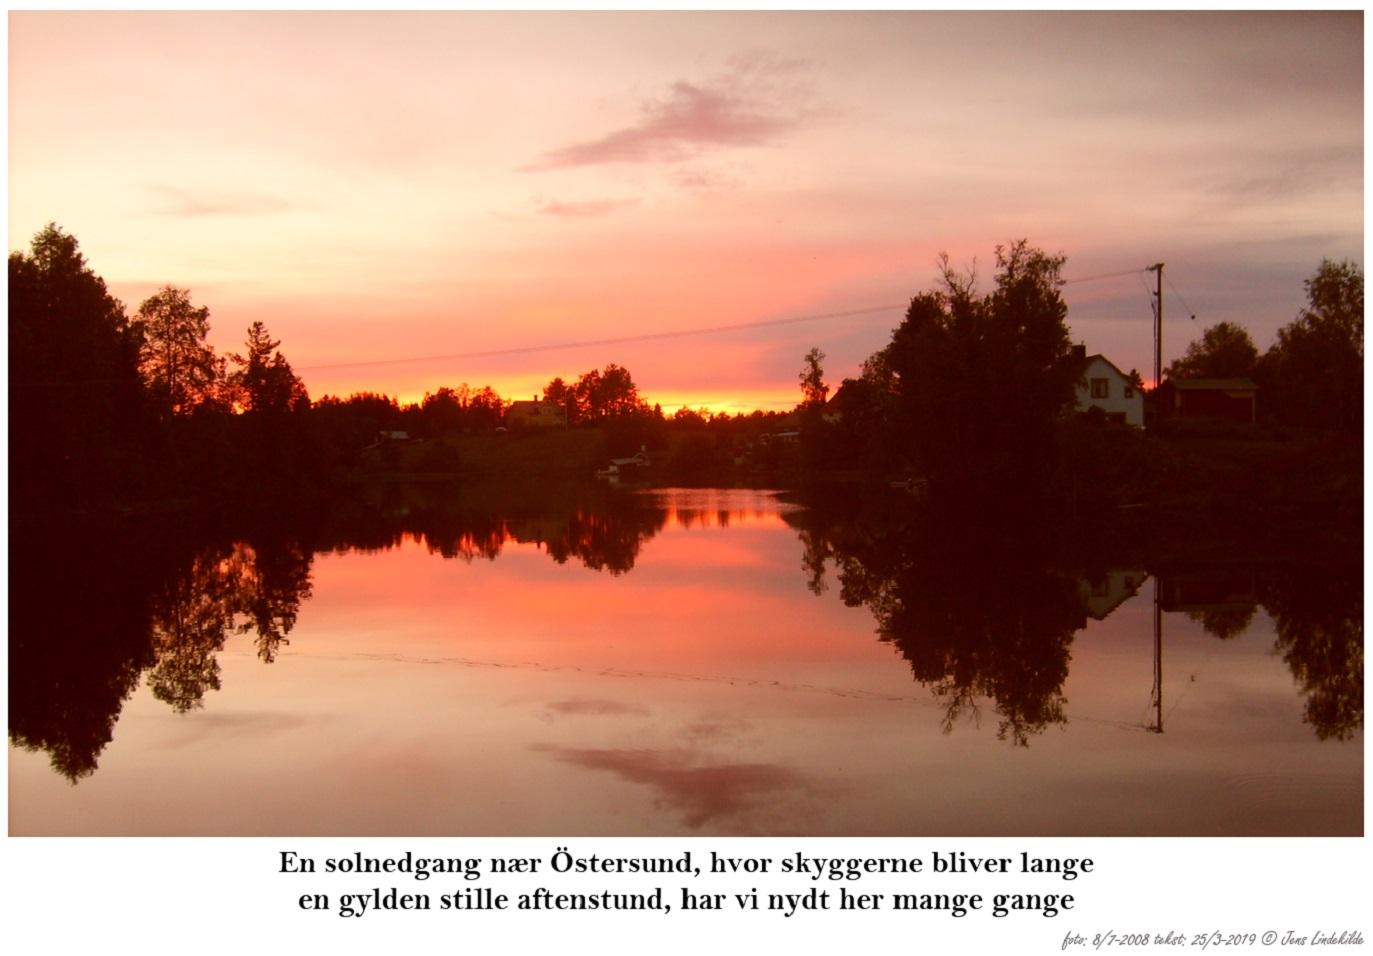 En-solnedgang-nær-Ôstersund